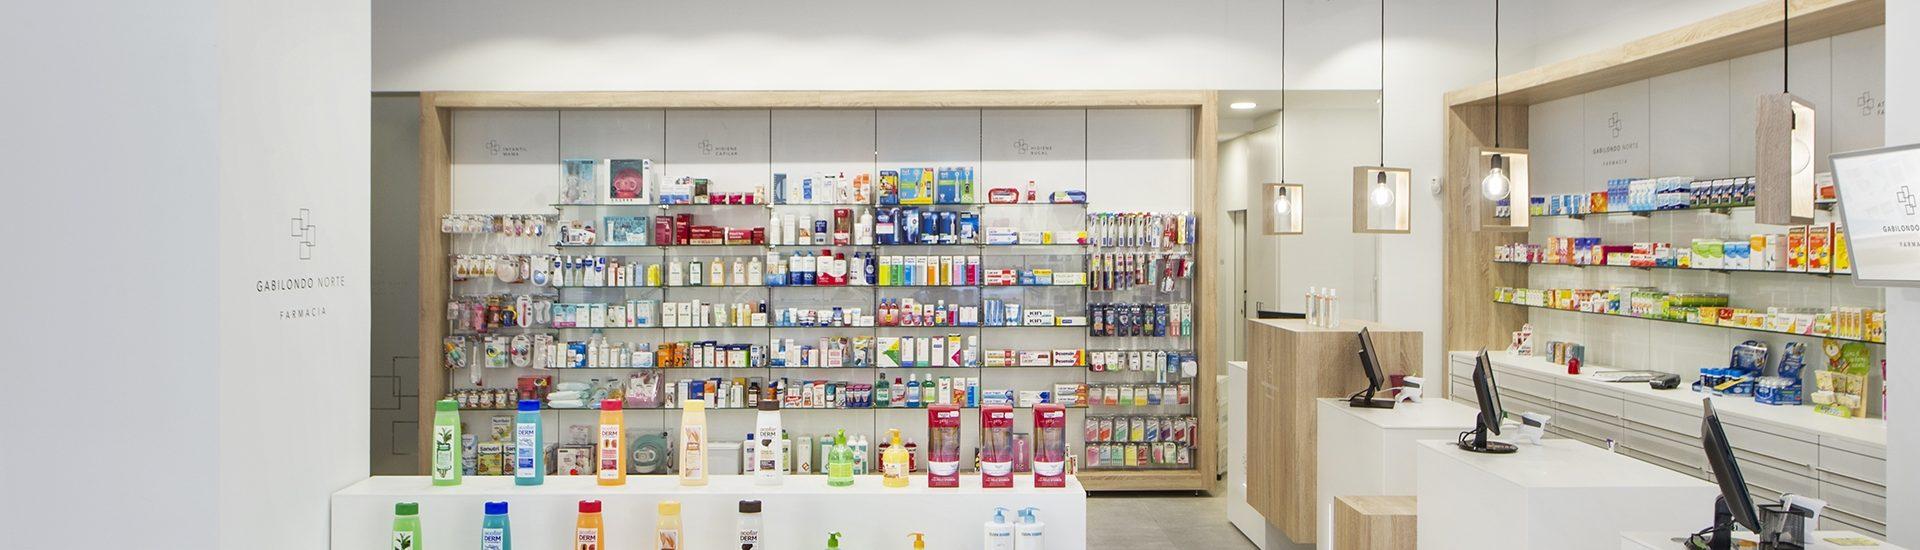 Farmacia Gabilondo Norte 10